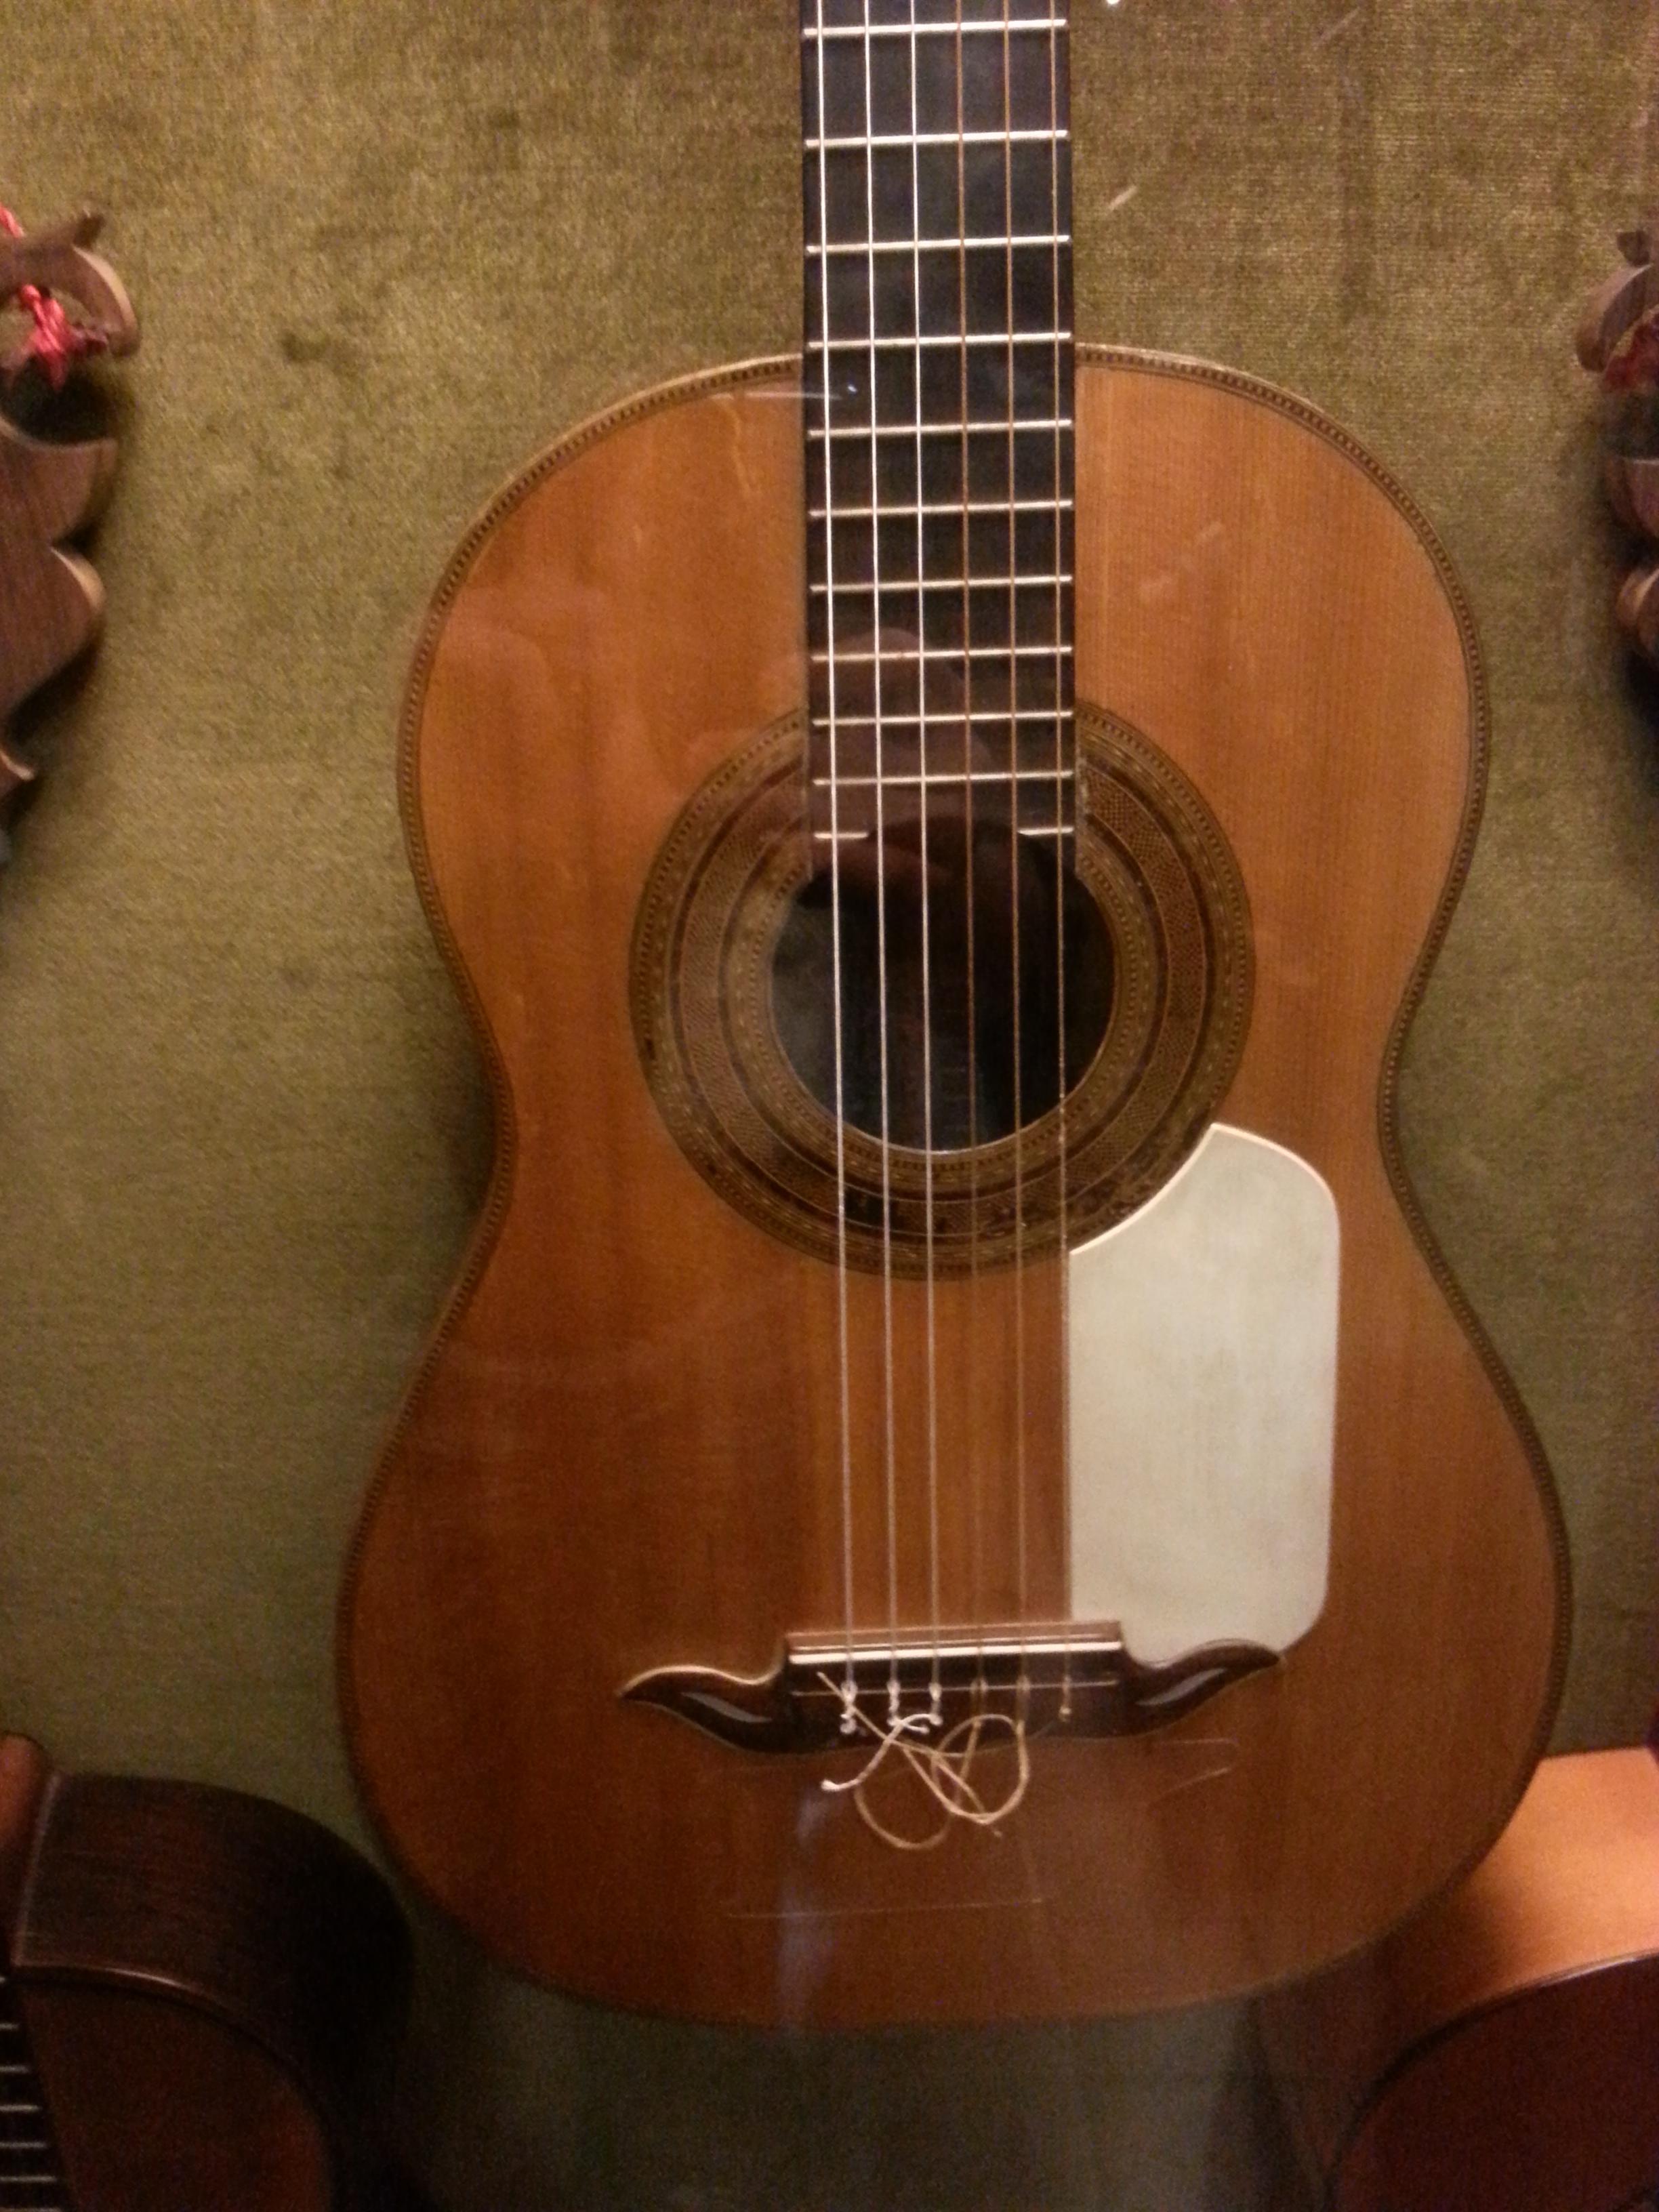 The Antonio de Torres guitar FE 01